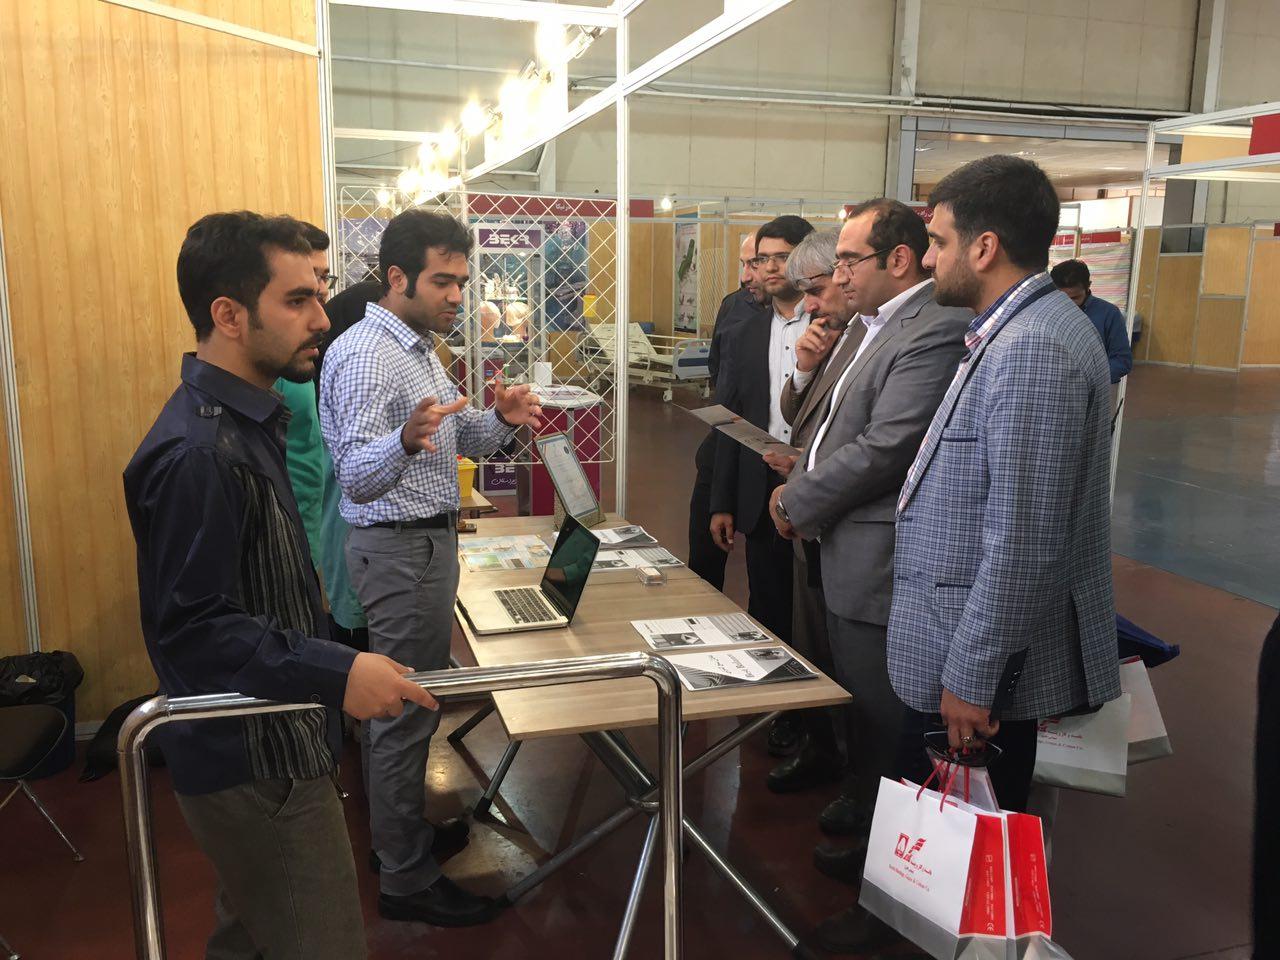 حضور شرکت مهندسی پژوهندگان مکاترونیک آریانا در چهارمین نمایشگاه تخصصی تجهیزات پزشکی قزوین